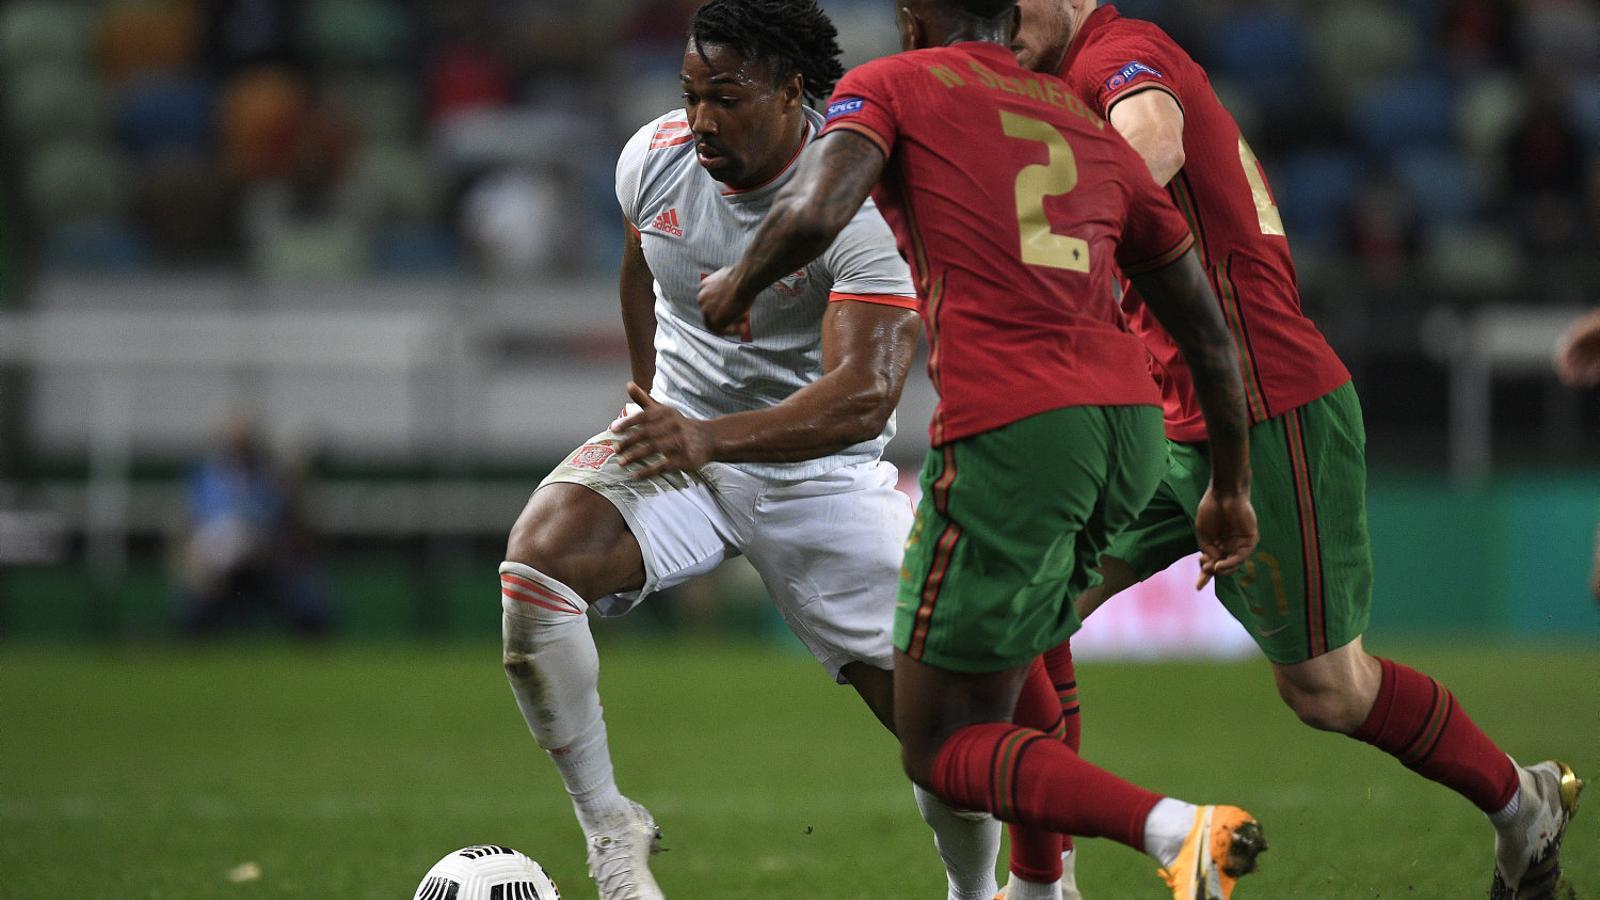 El català amb arrels a Mali Adama Traoré va debutar amb Espanya.